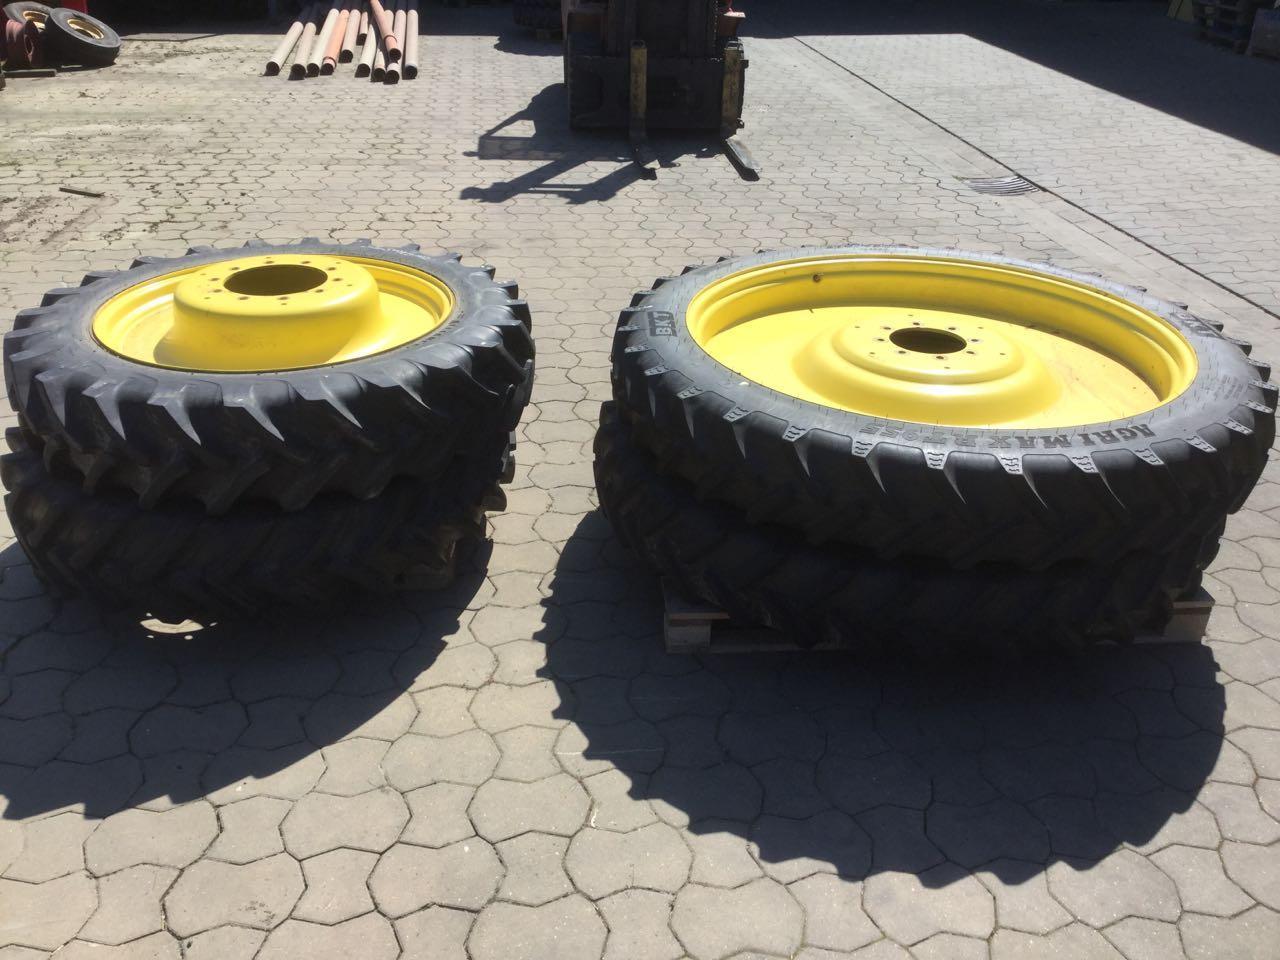 BKT 2x 12.4 R36 + 2x 270/95 R54, Spur: 1,50 mtr.